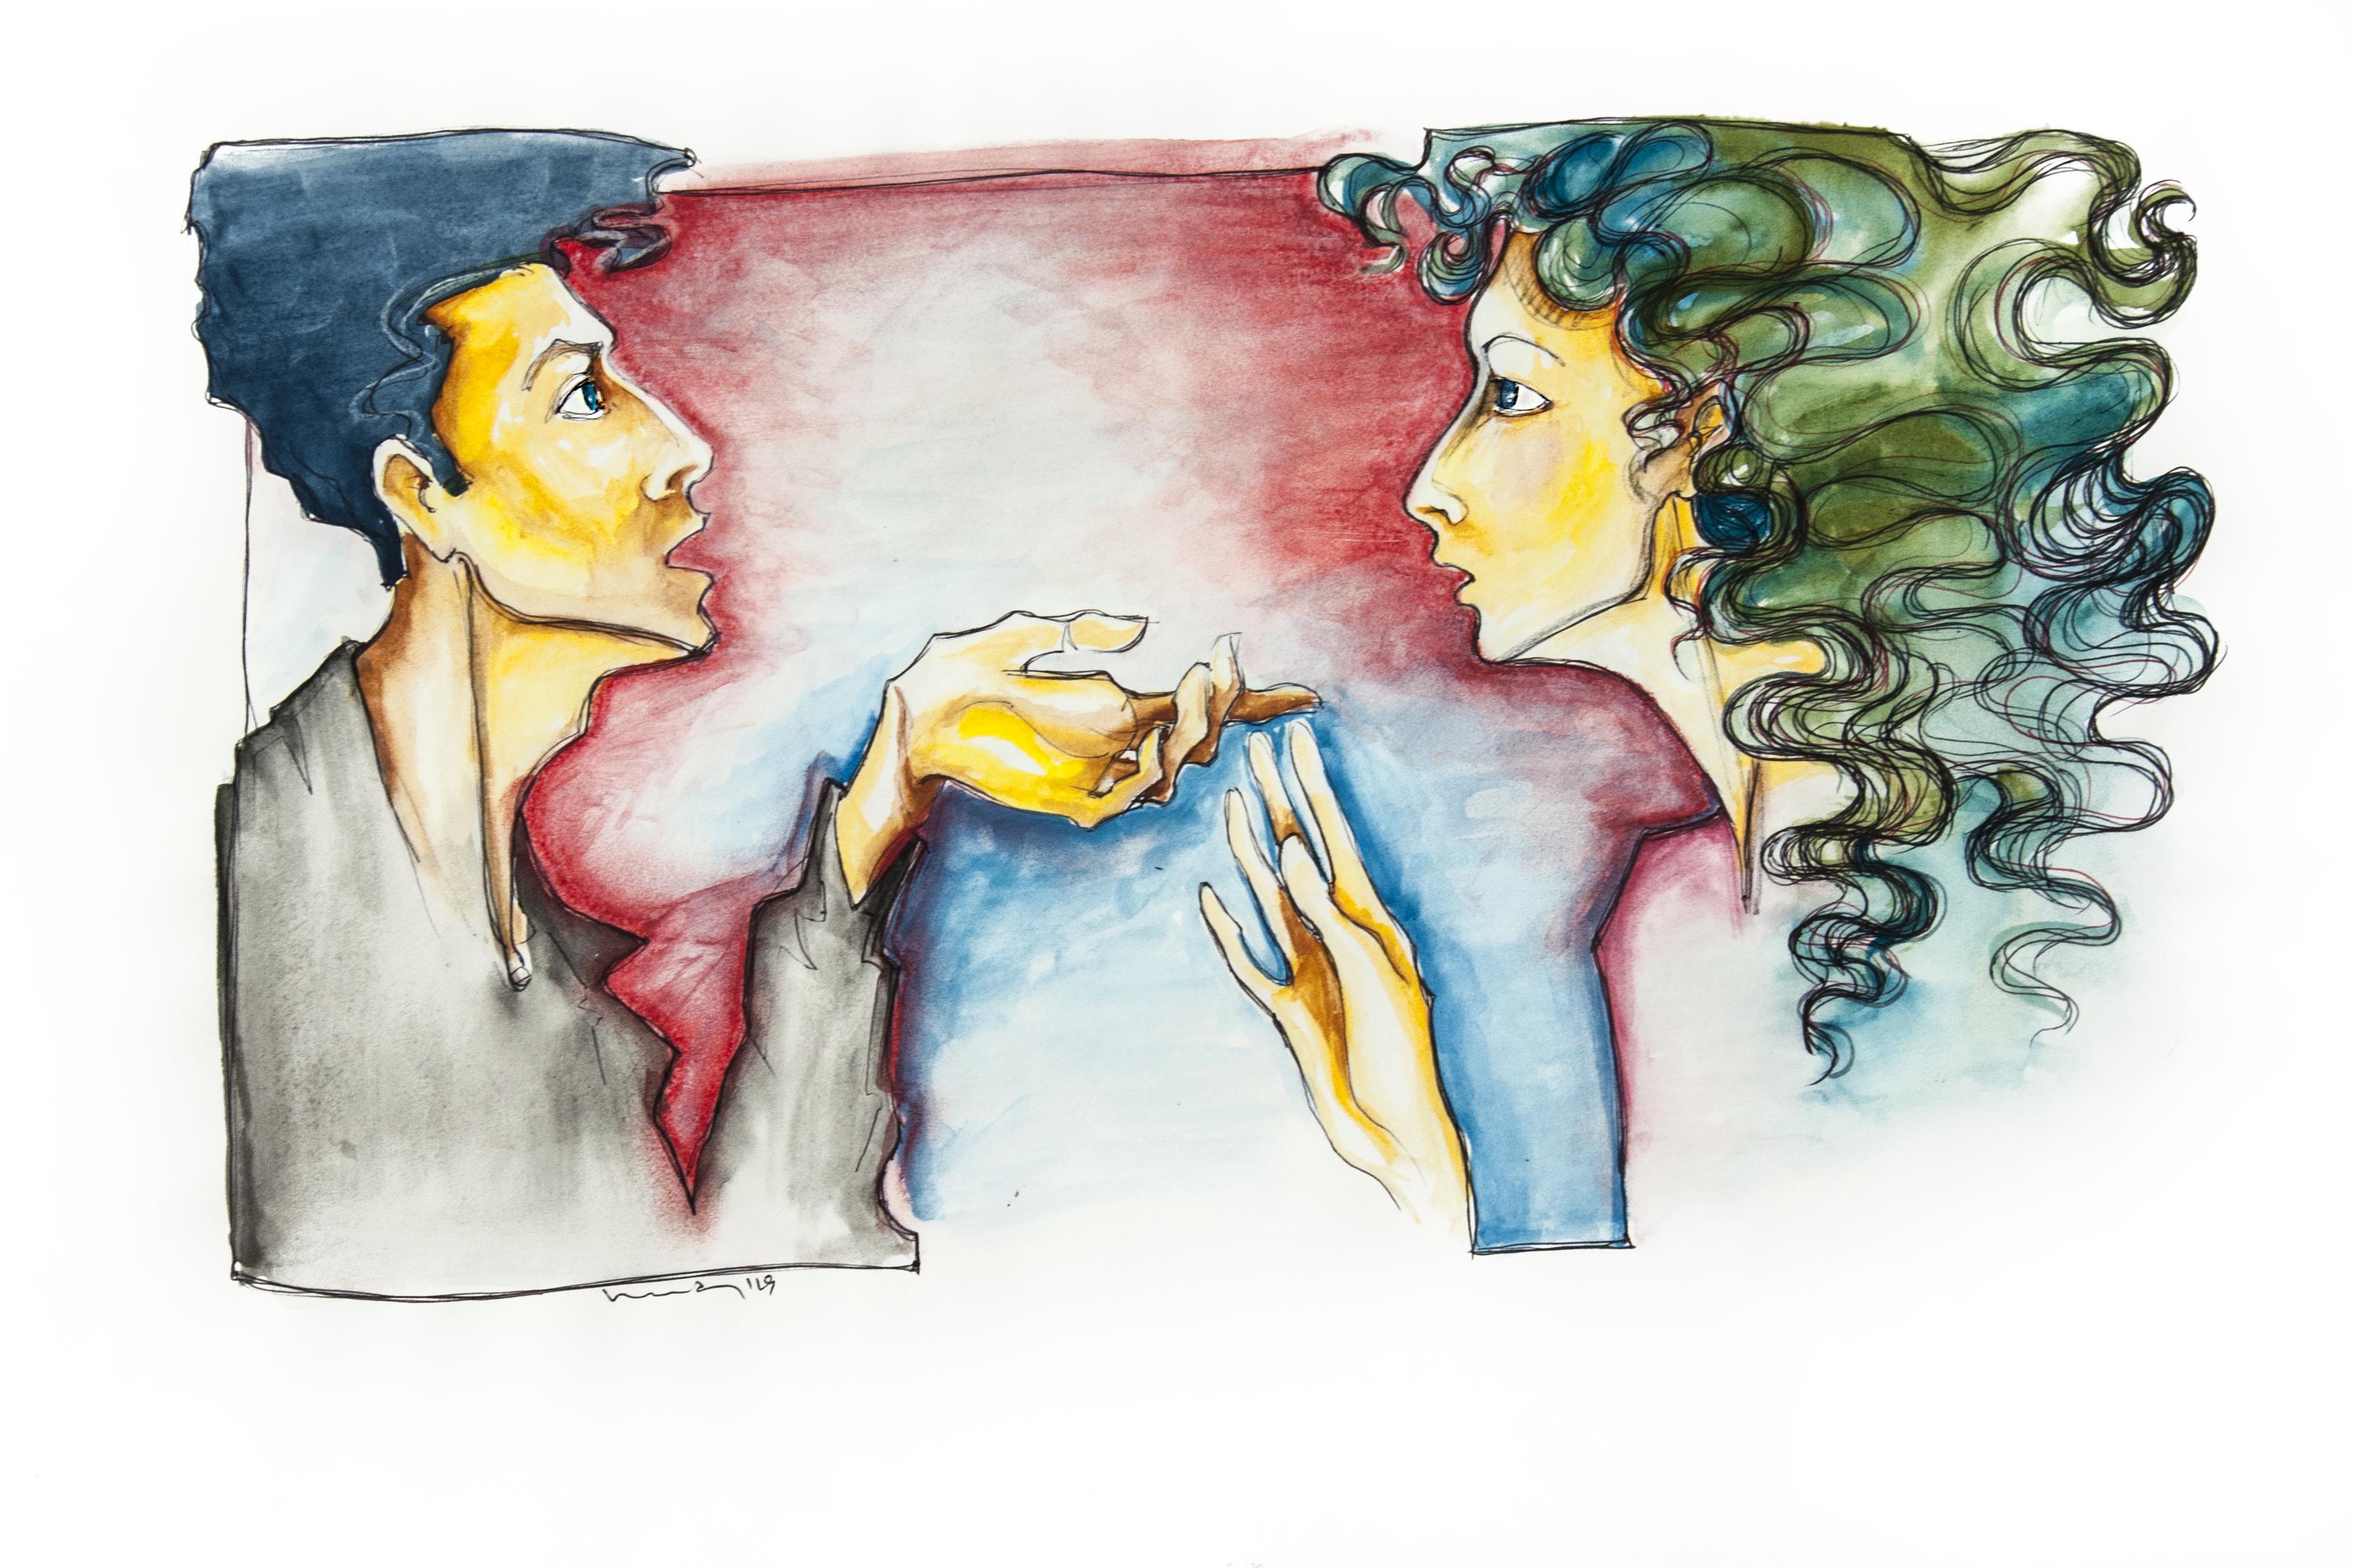 Kadınların ve erkeklerin konuşma içeriklerinde anlamlı farklılıklar bulunmuştur.